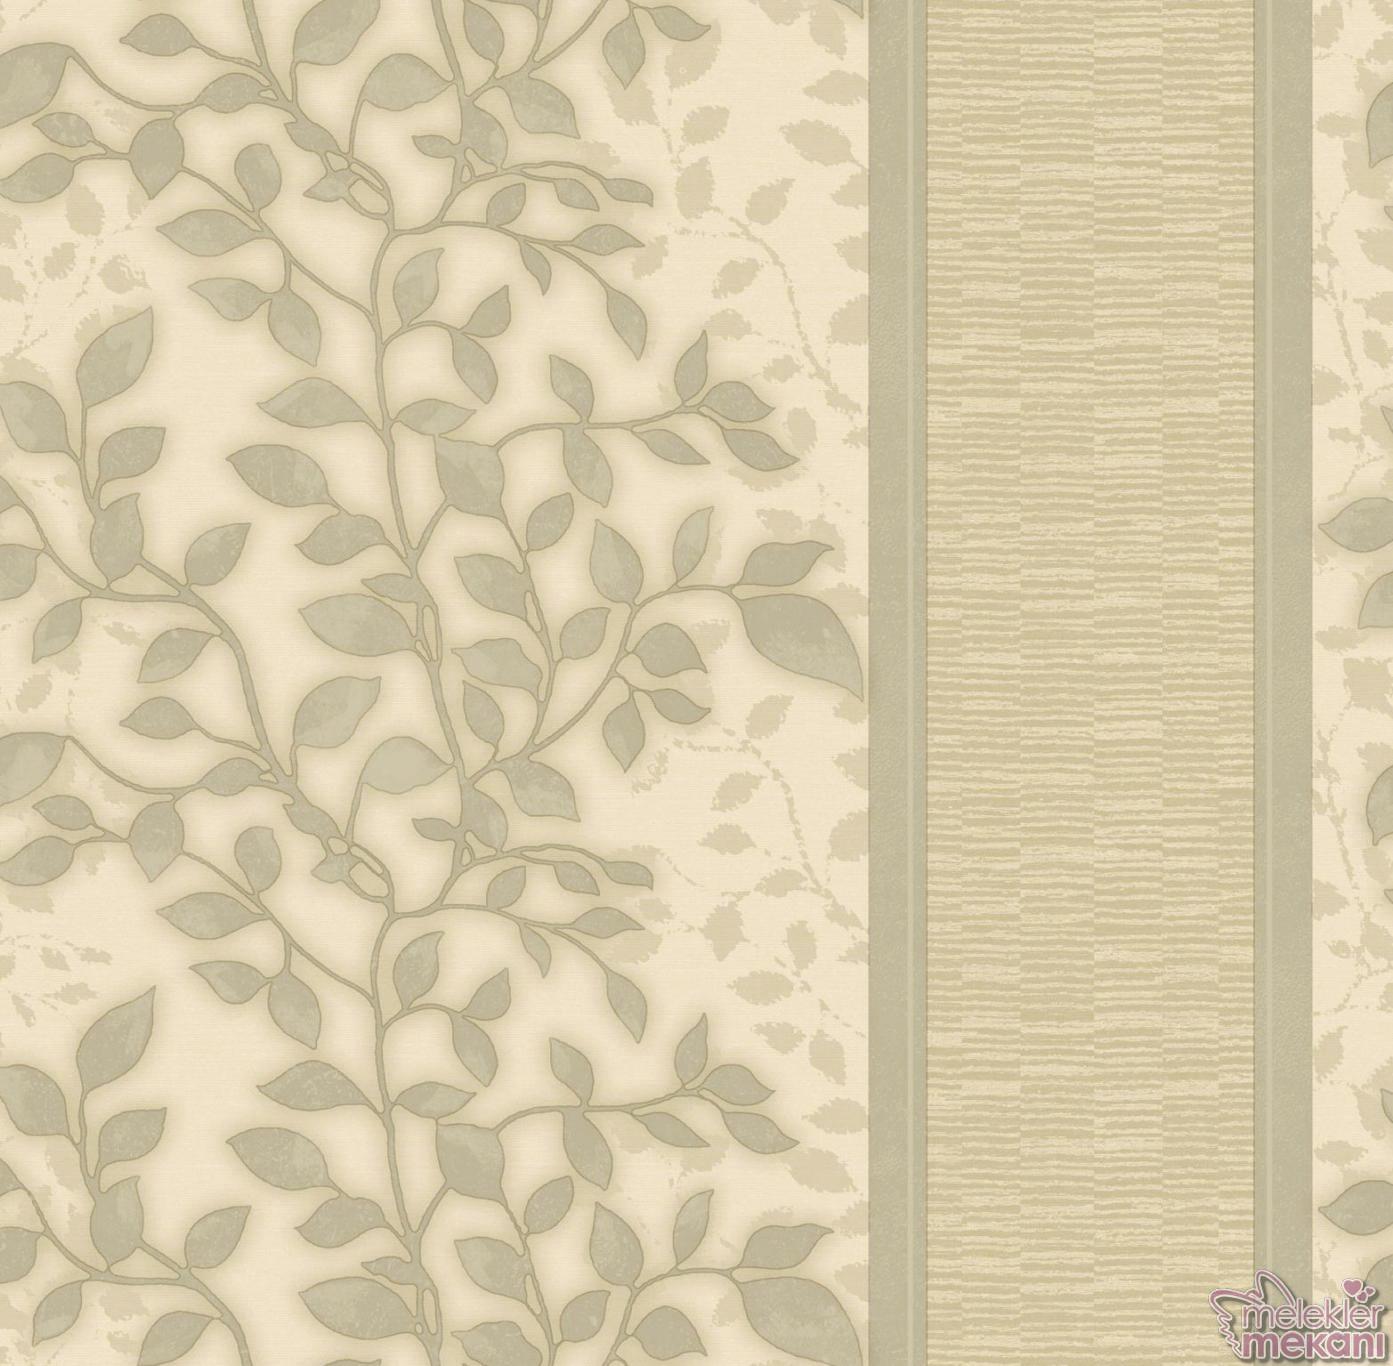 italyanr duvar kağıdı modelleri_ (8).jpg